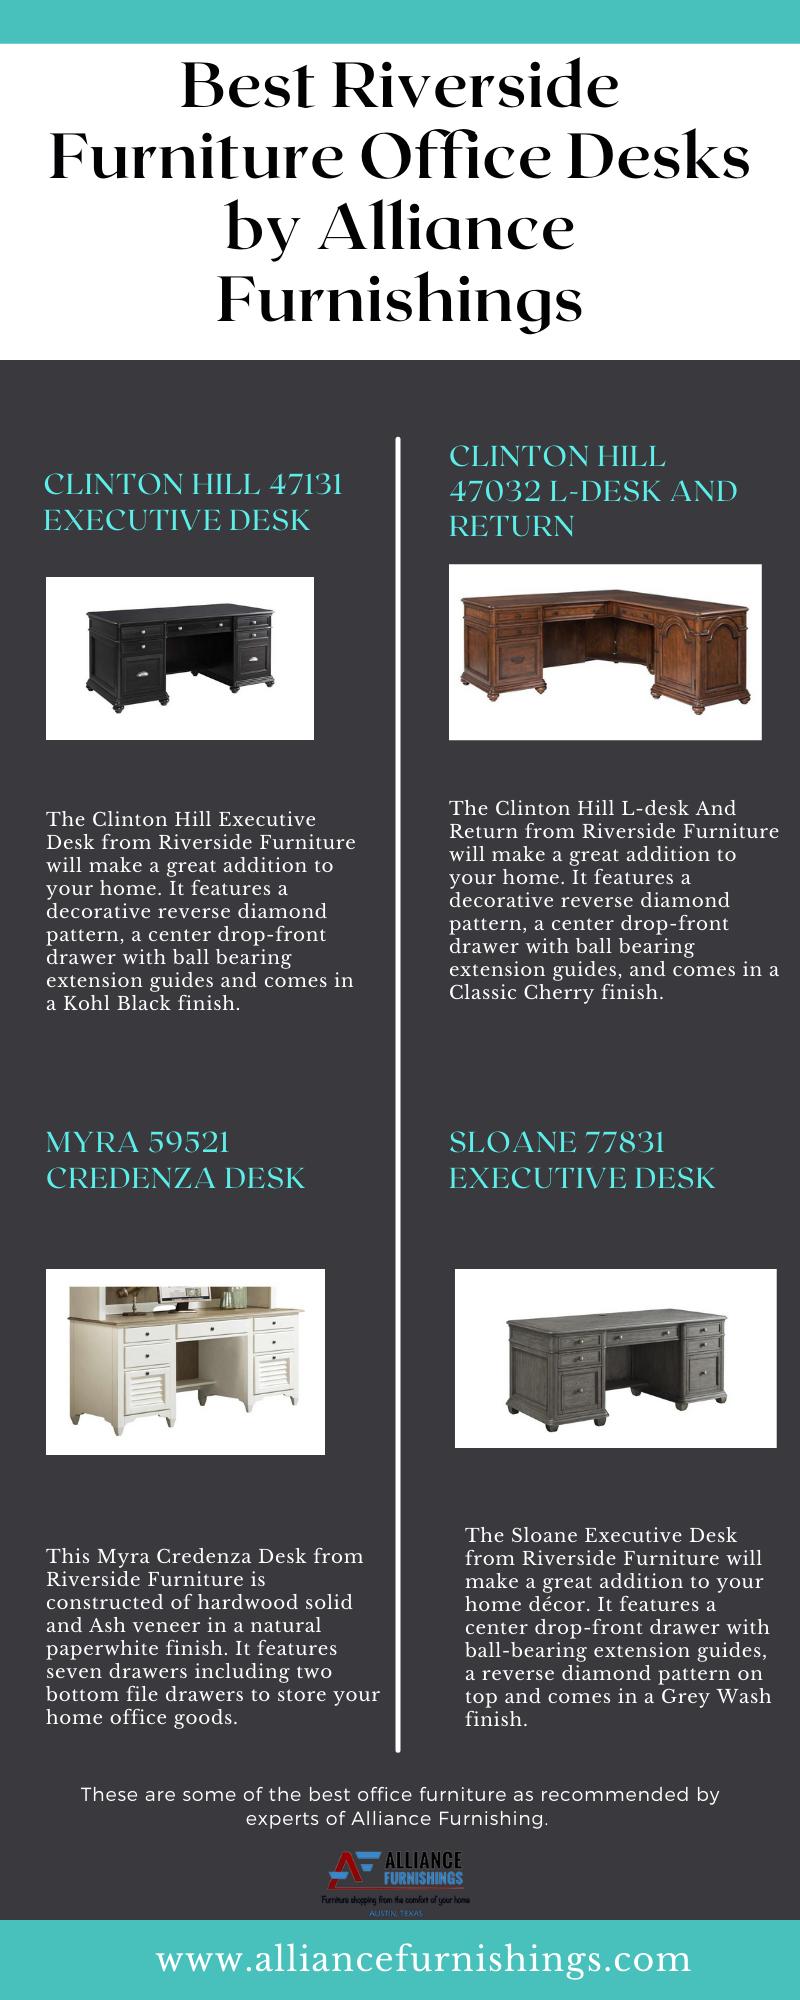 Best Riverside Furniture Office Desks